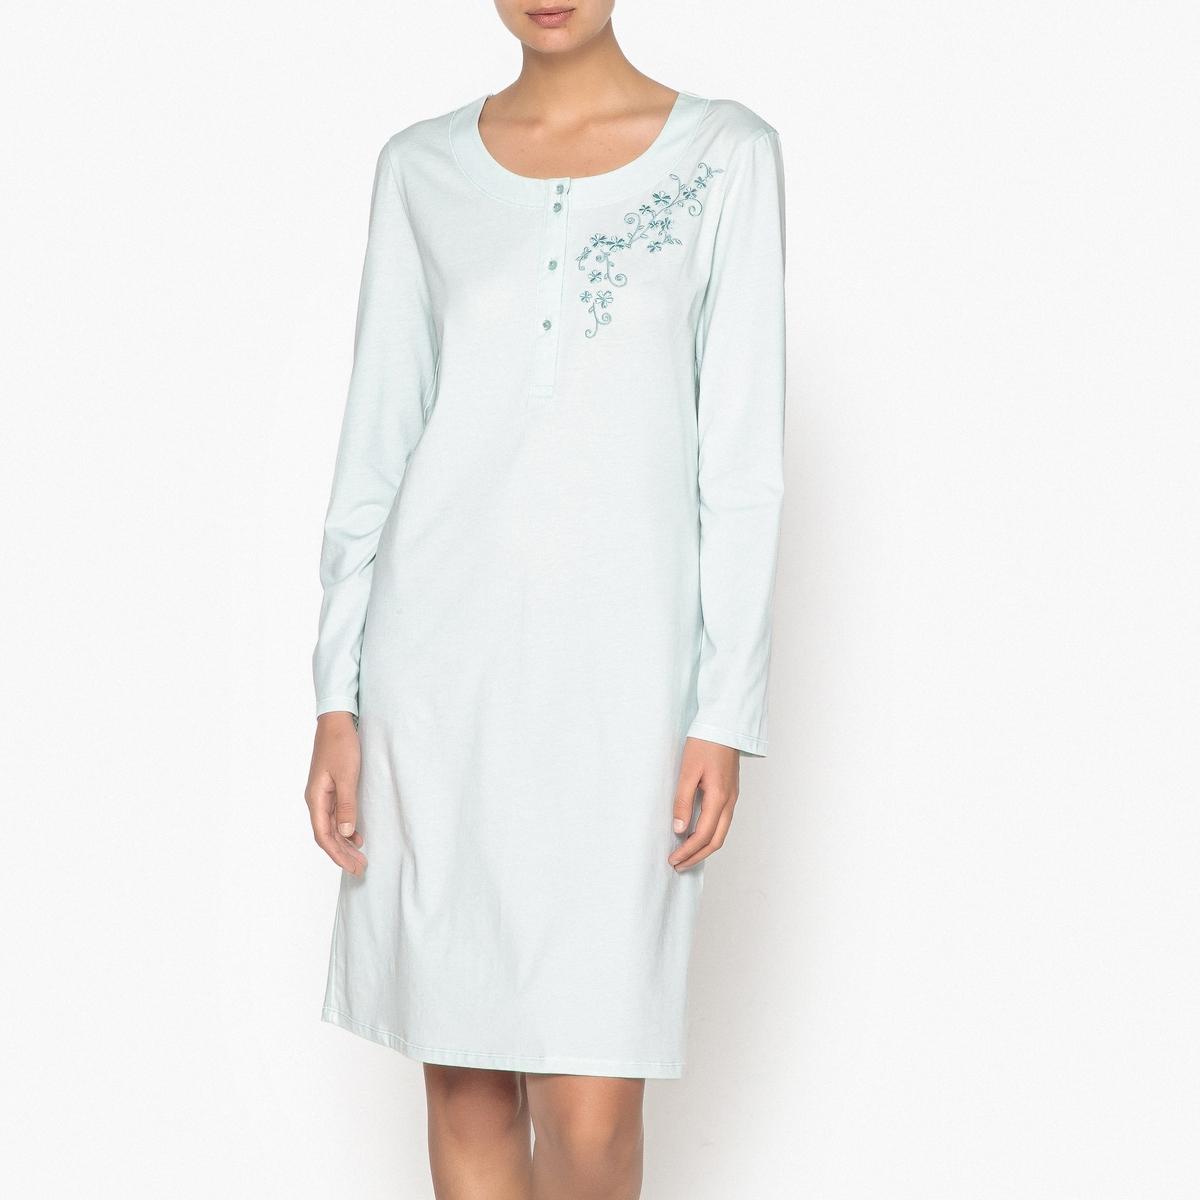 Bawełniana koszula nocna, z  haftem